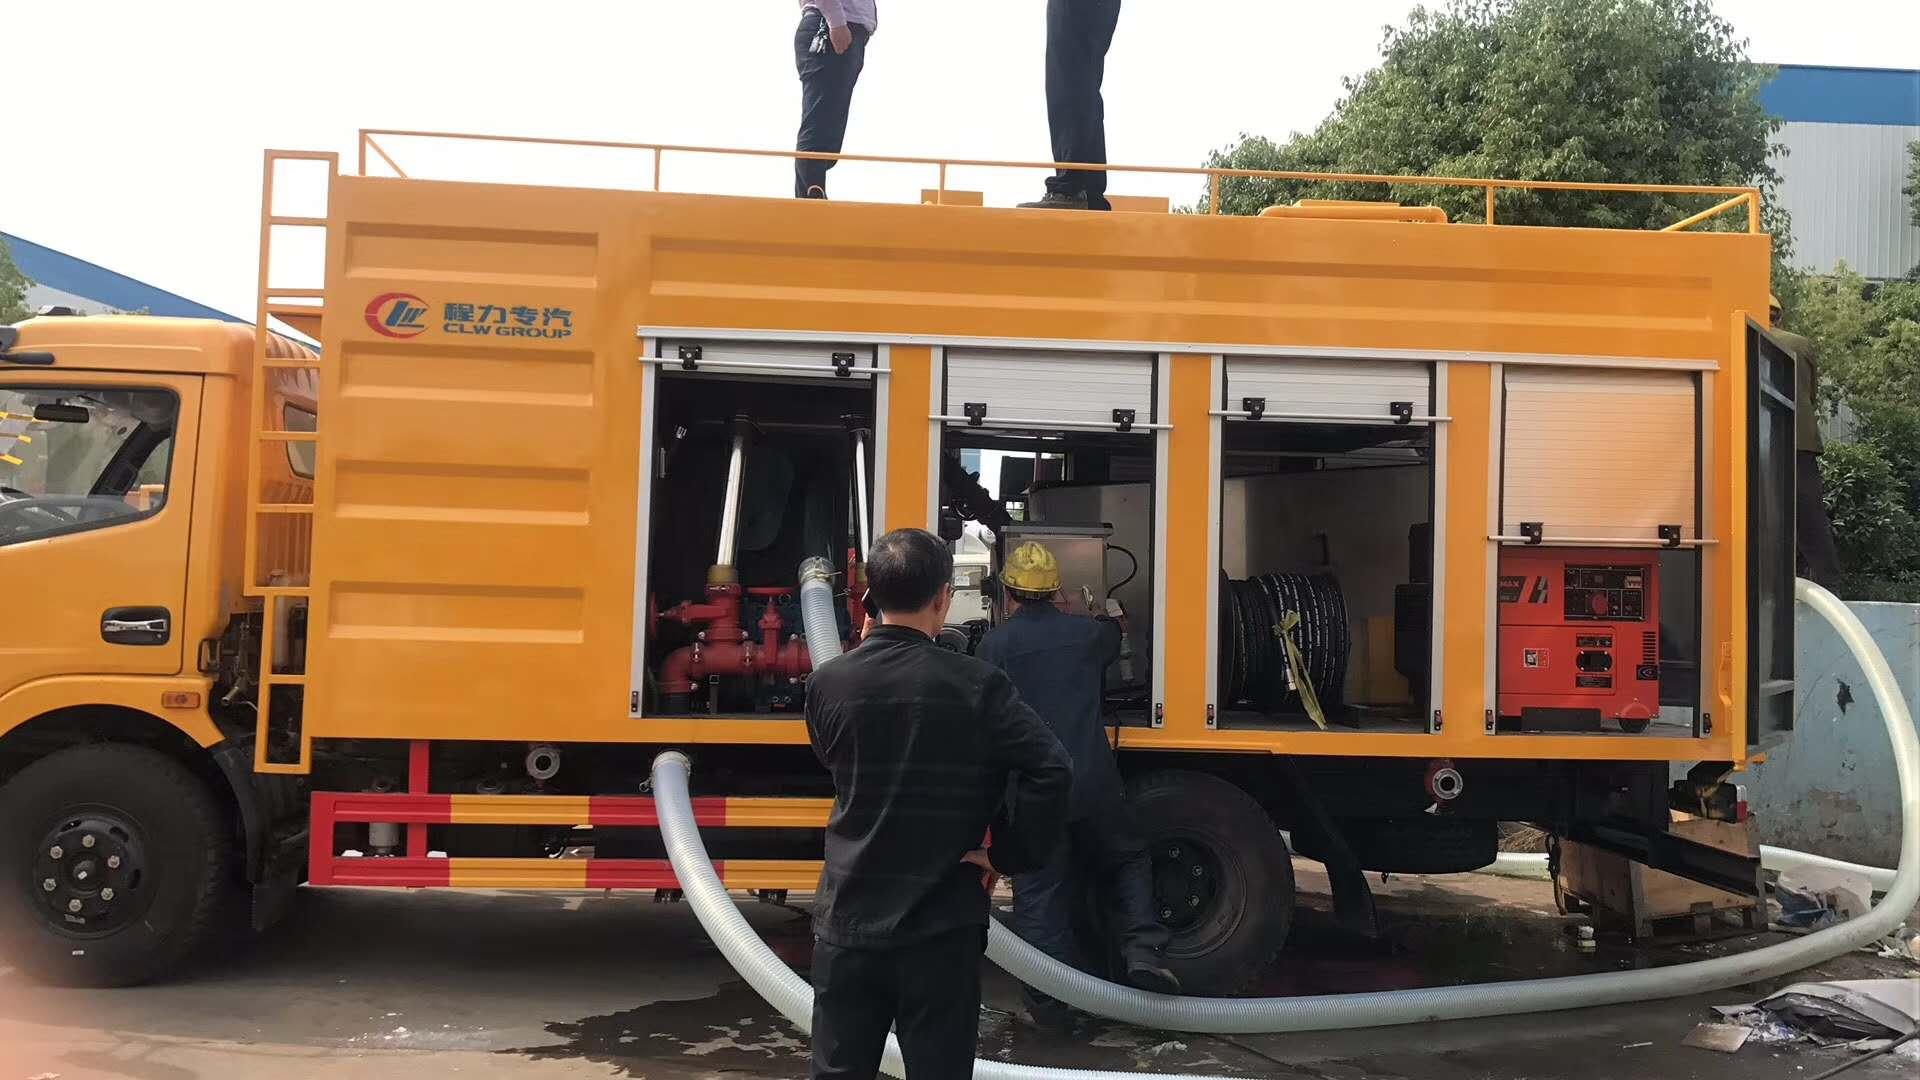 污水处理清淤车抽泥浆污水车厂家地址视频